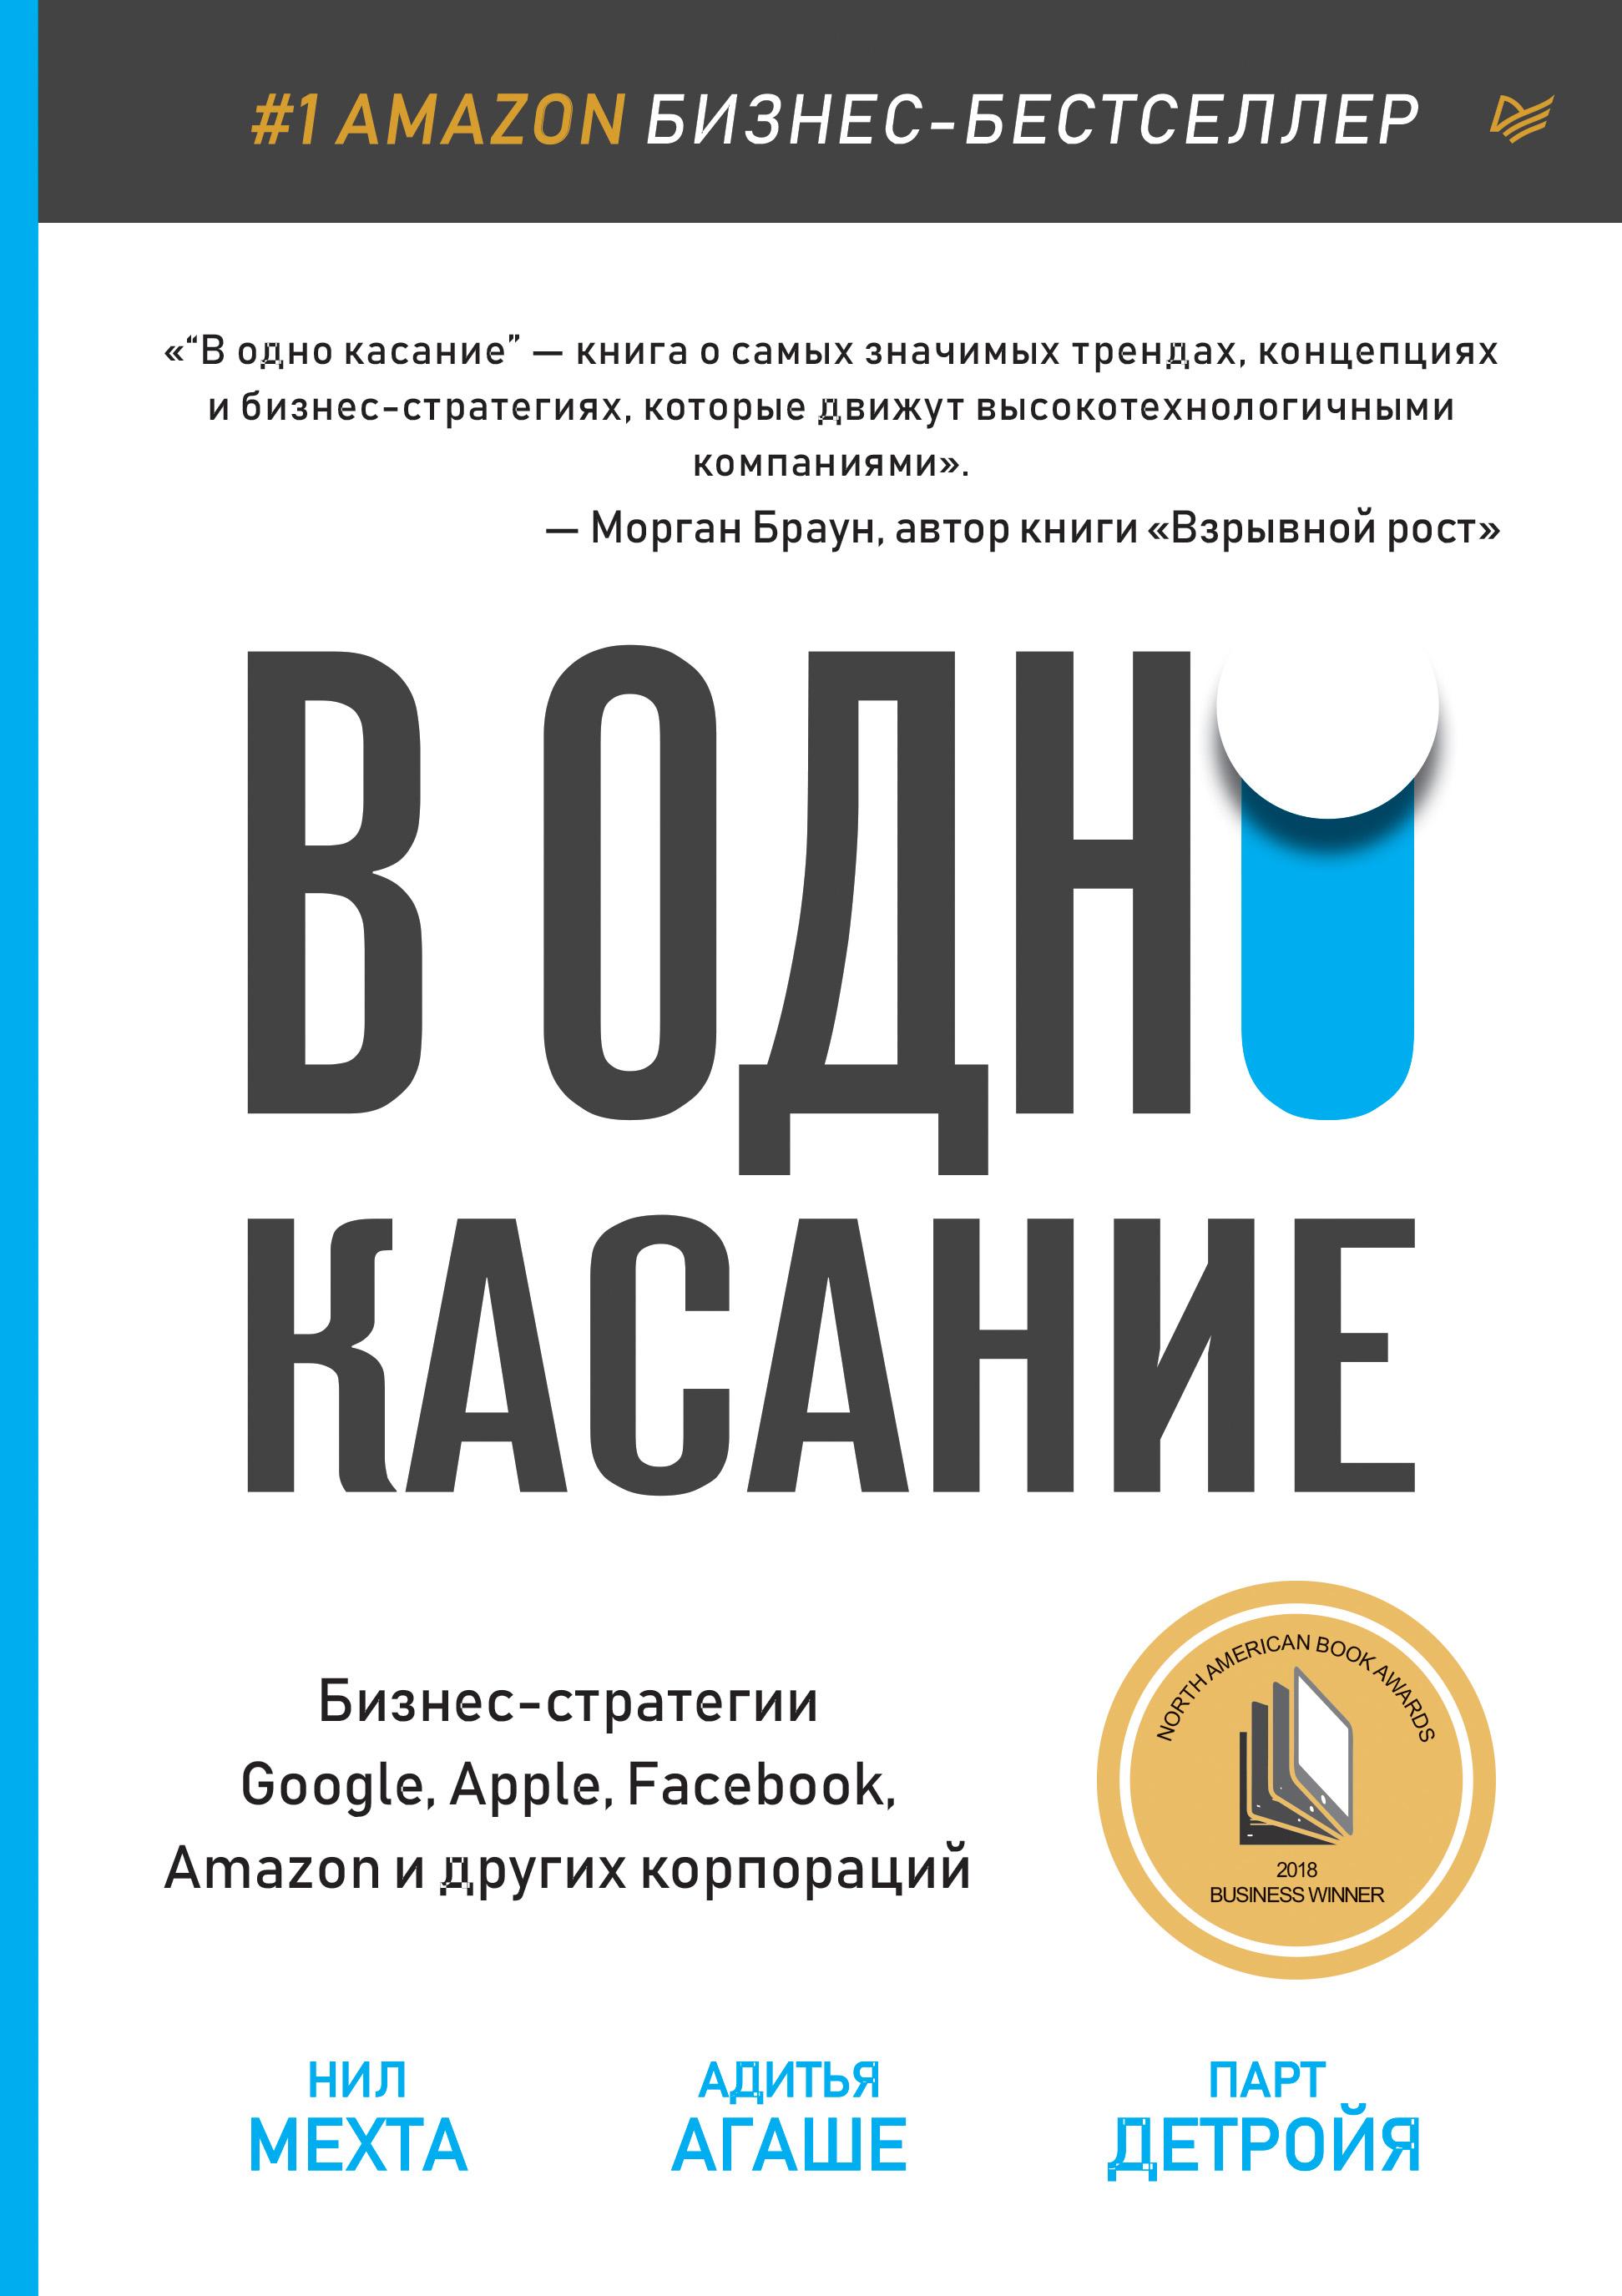 В одно касание. Бизнес-стратегии Google, Apple, Facebook, Amazon идругих корпораций